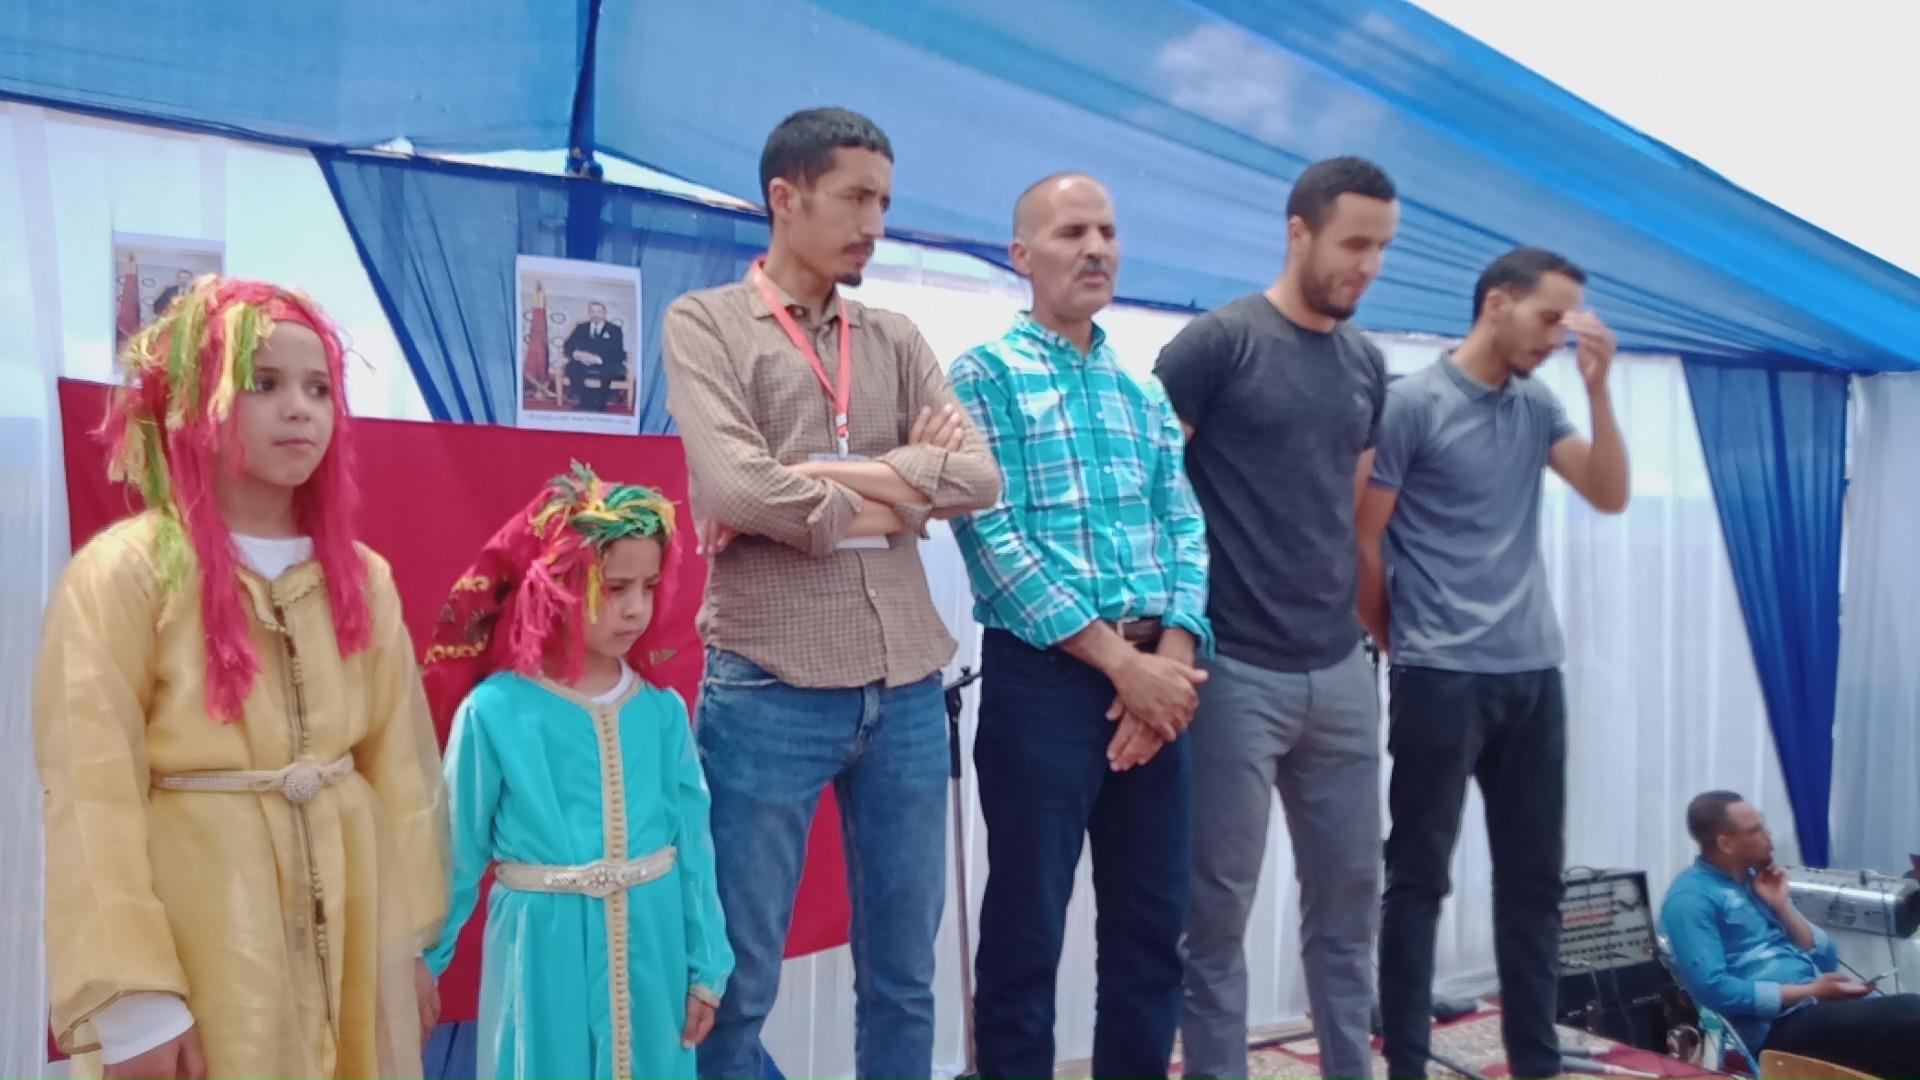 صورة بعد تجديد مكتبها جمعية الآباء تحيي حفلا تربويا بمدرسة تيكافيين بإقليم الحوز